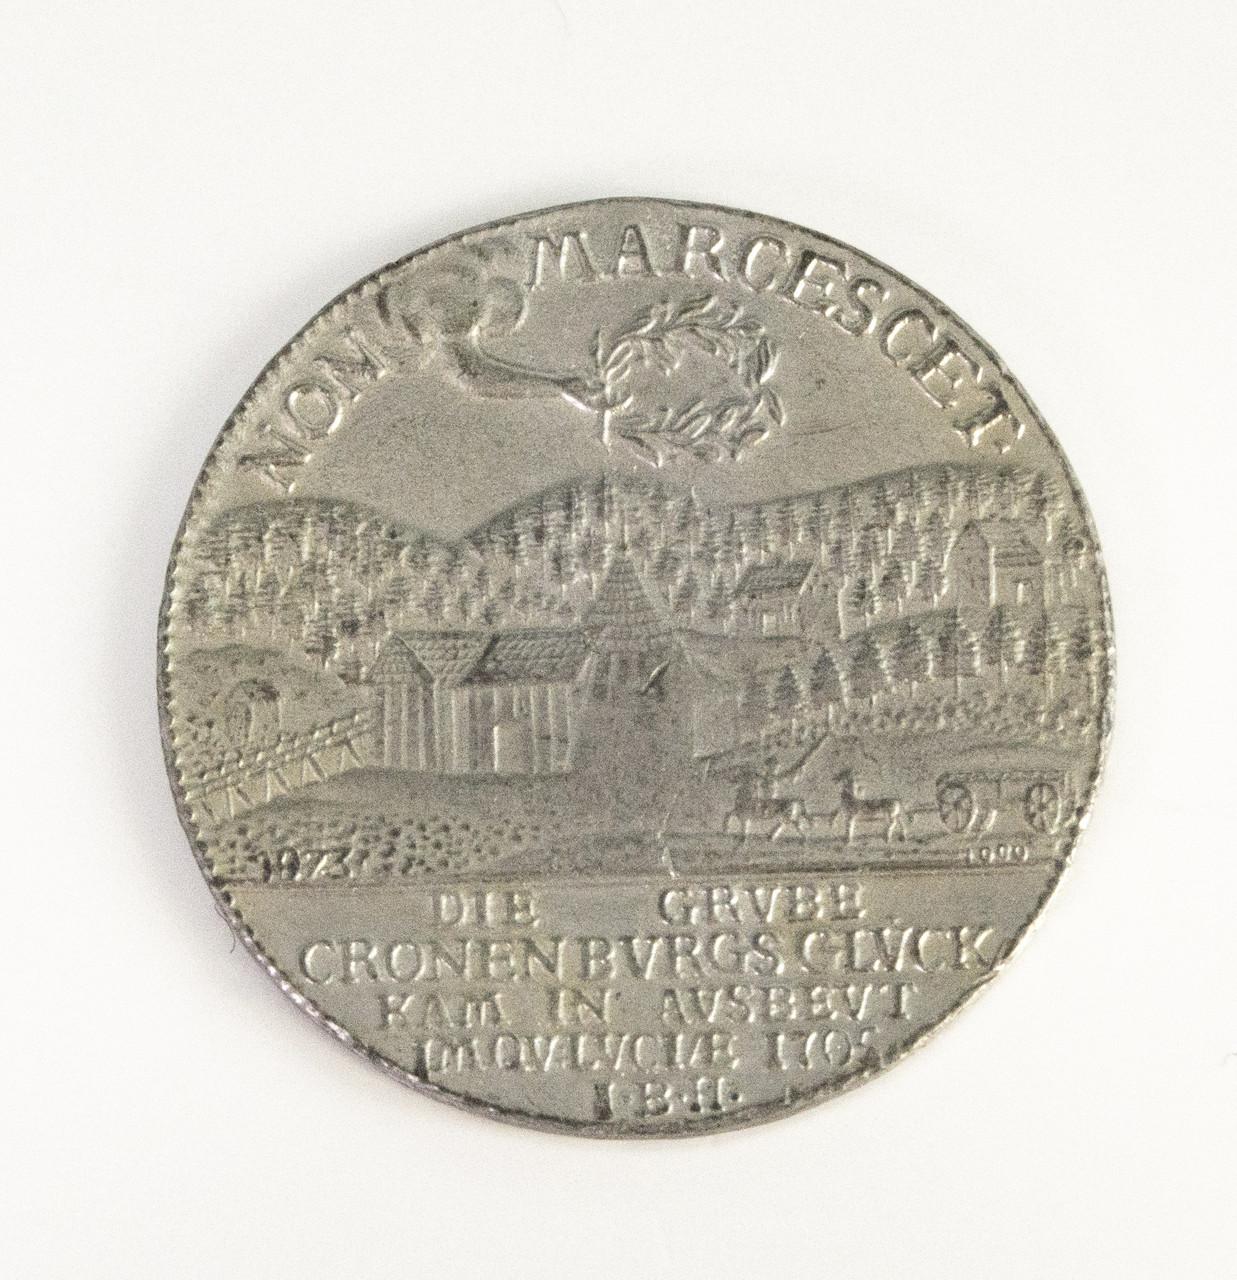 Сувенірна монета, швидше за все з олова, Німеччина